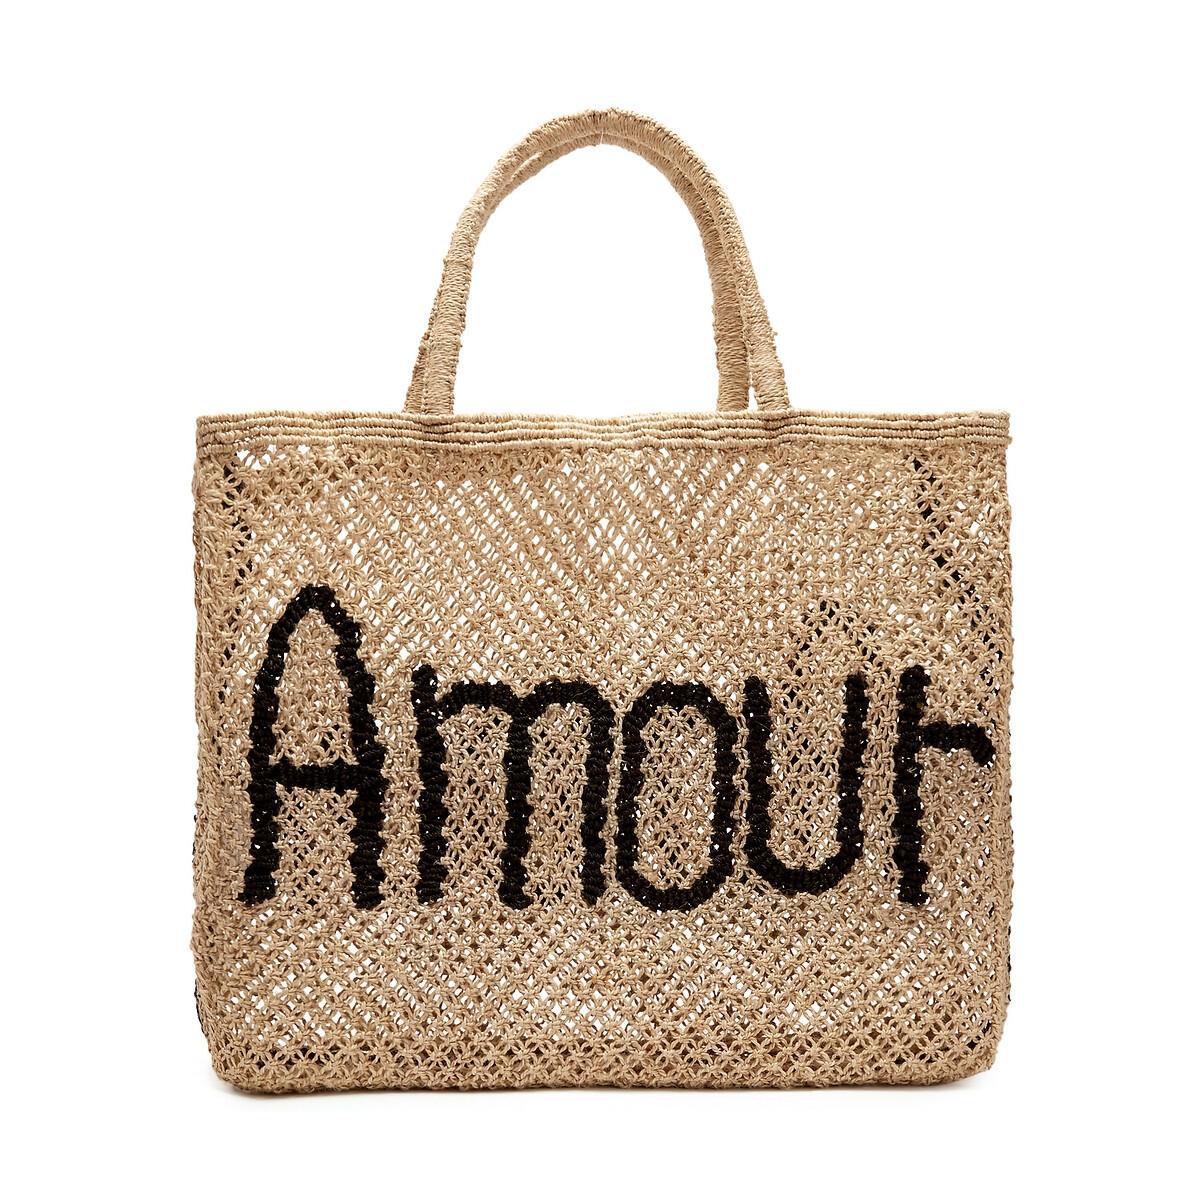 Сумка-шоппер La Redoute Из джута с надписью AMOUR единый размер бежевый зеркало la redoute д x в см principe единый размер бежевый